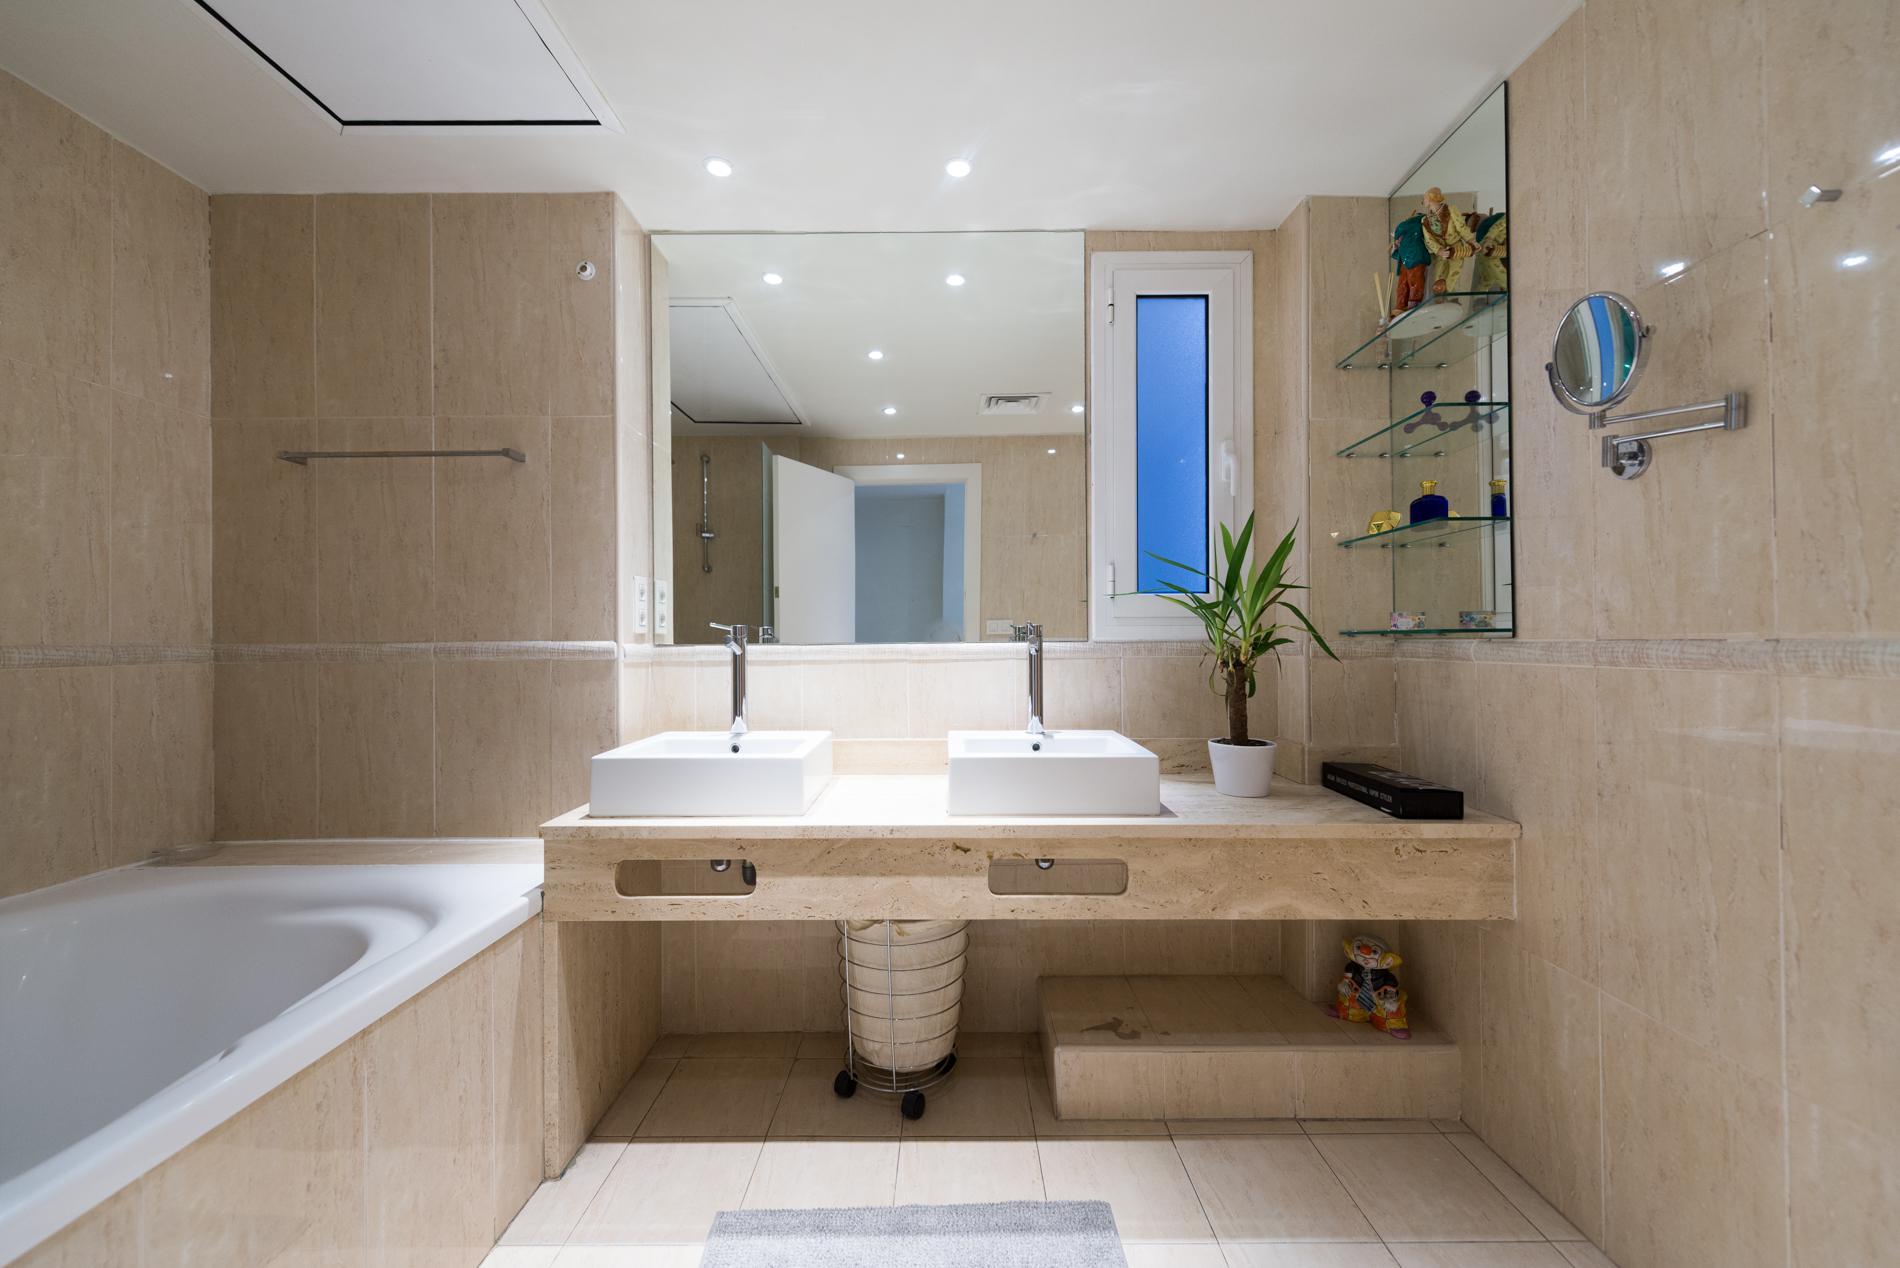 222426 Apartment for sale in Eixample, Dreta Eixample 26